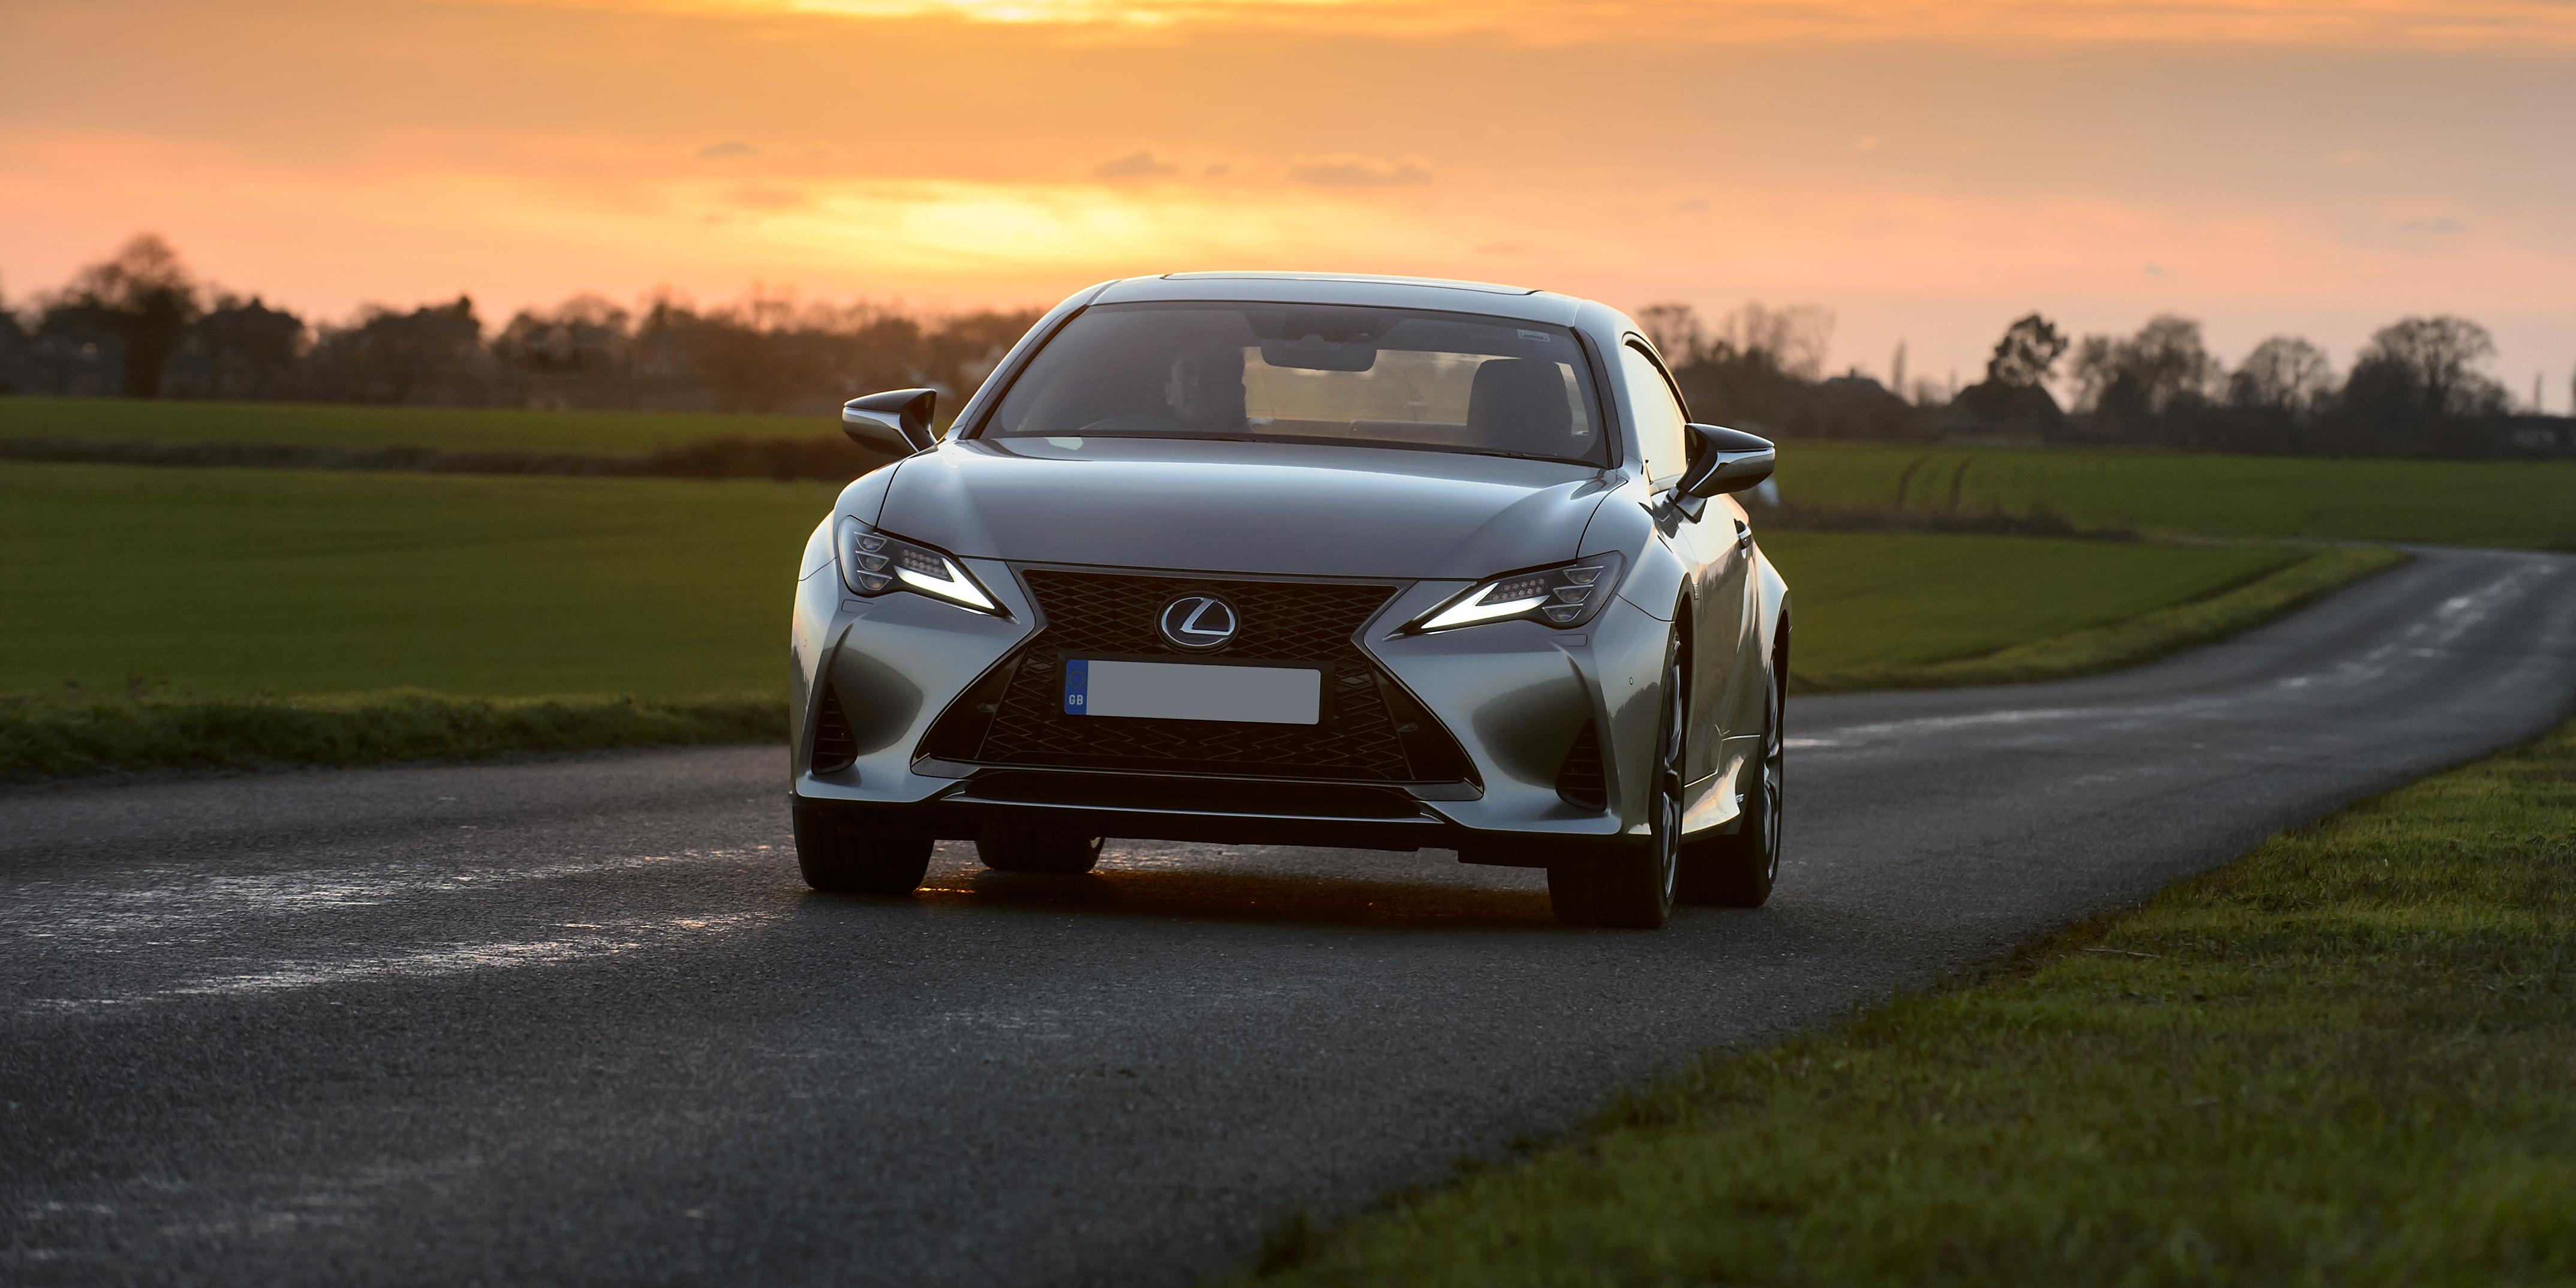 lexus rc 300h 2019 review